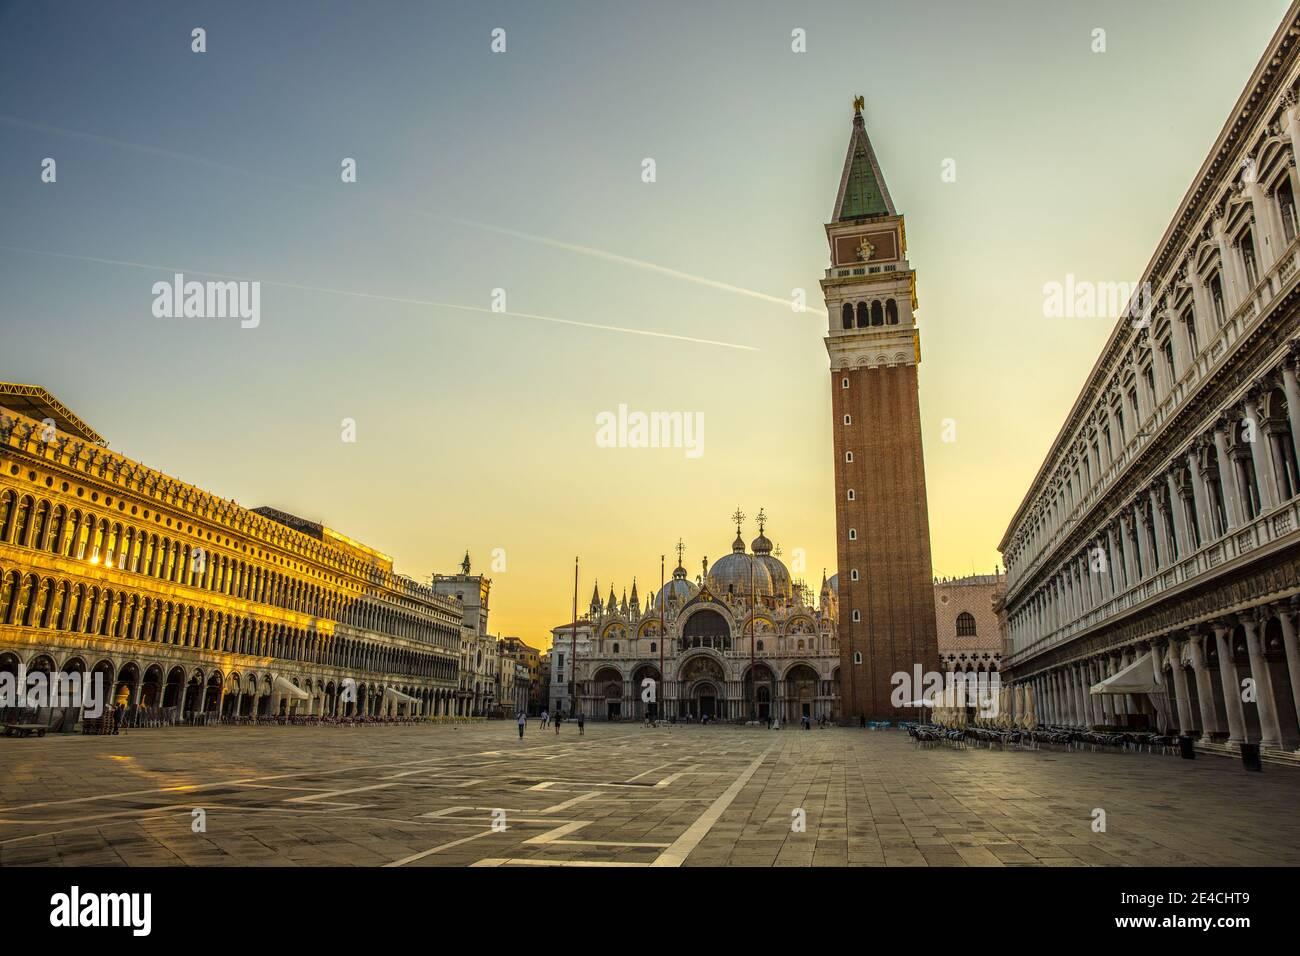 Venecia durante Corona Times sin turistas, vista sobre la Plaza de San Marcos a San Marco y el Campagnile Foto de stock